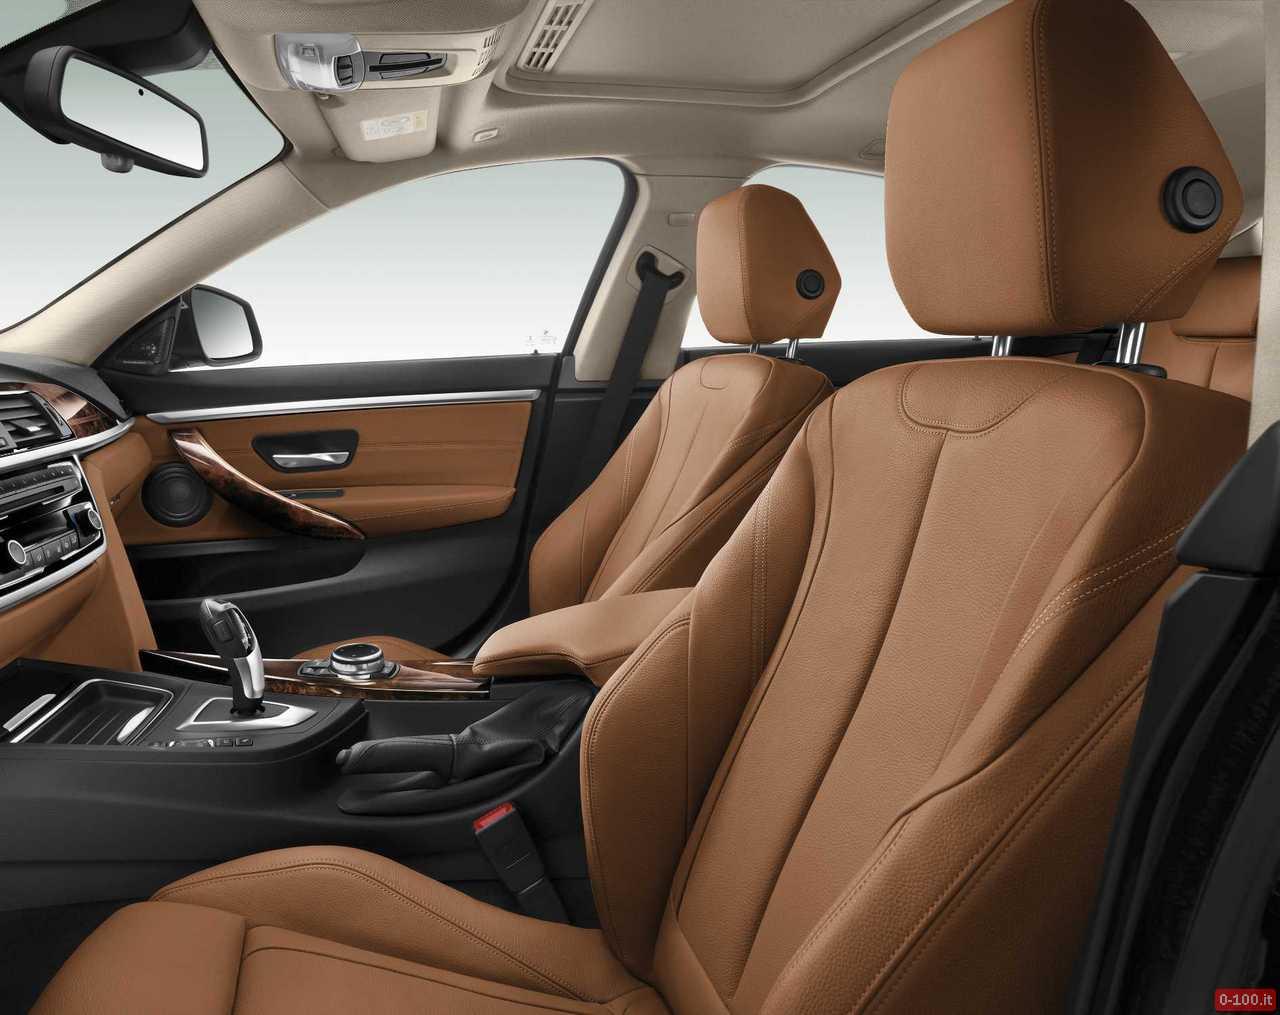 bmw-serie-4-gran-coupe-prezzo-price-ginevra-geneve-2014-0-100_44